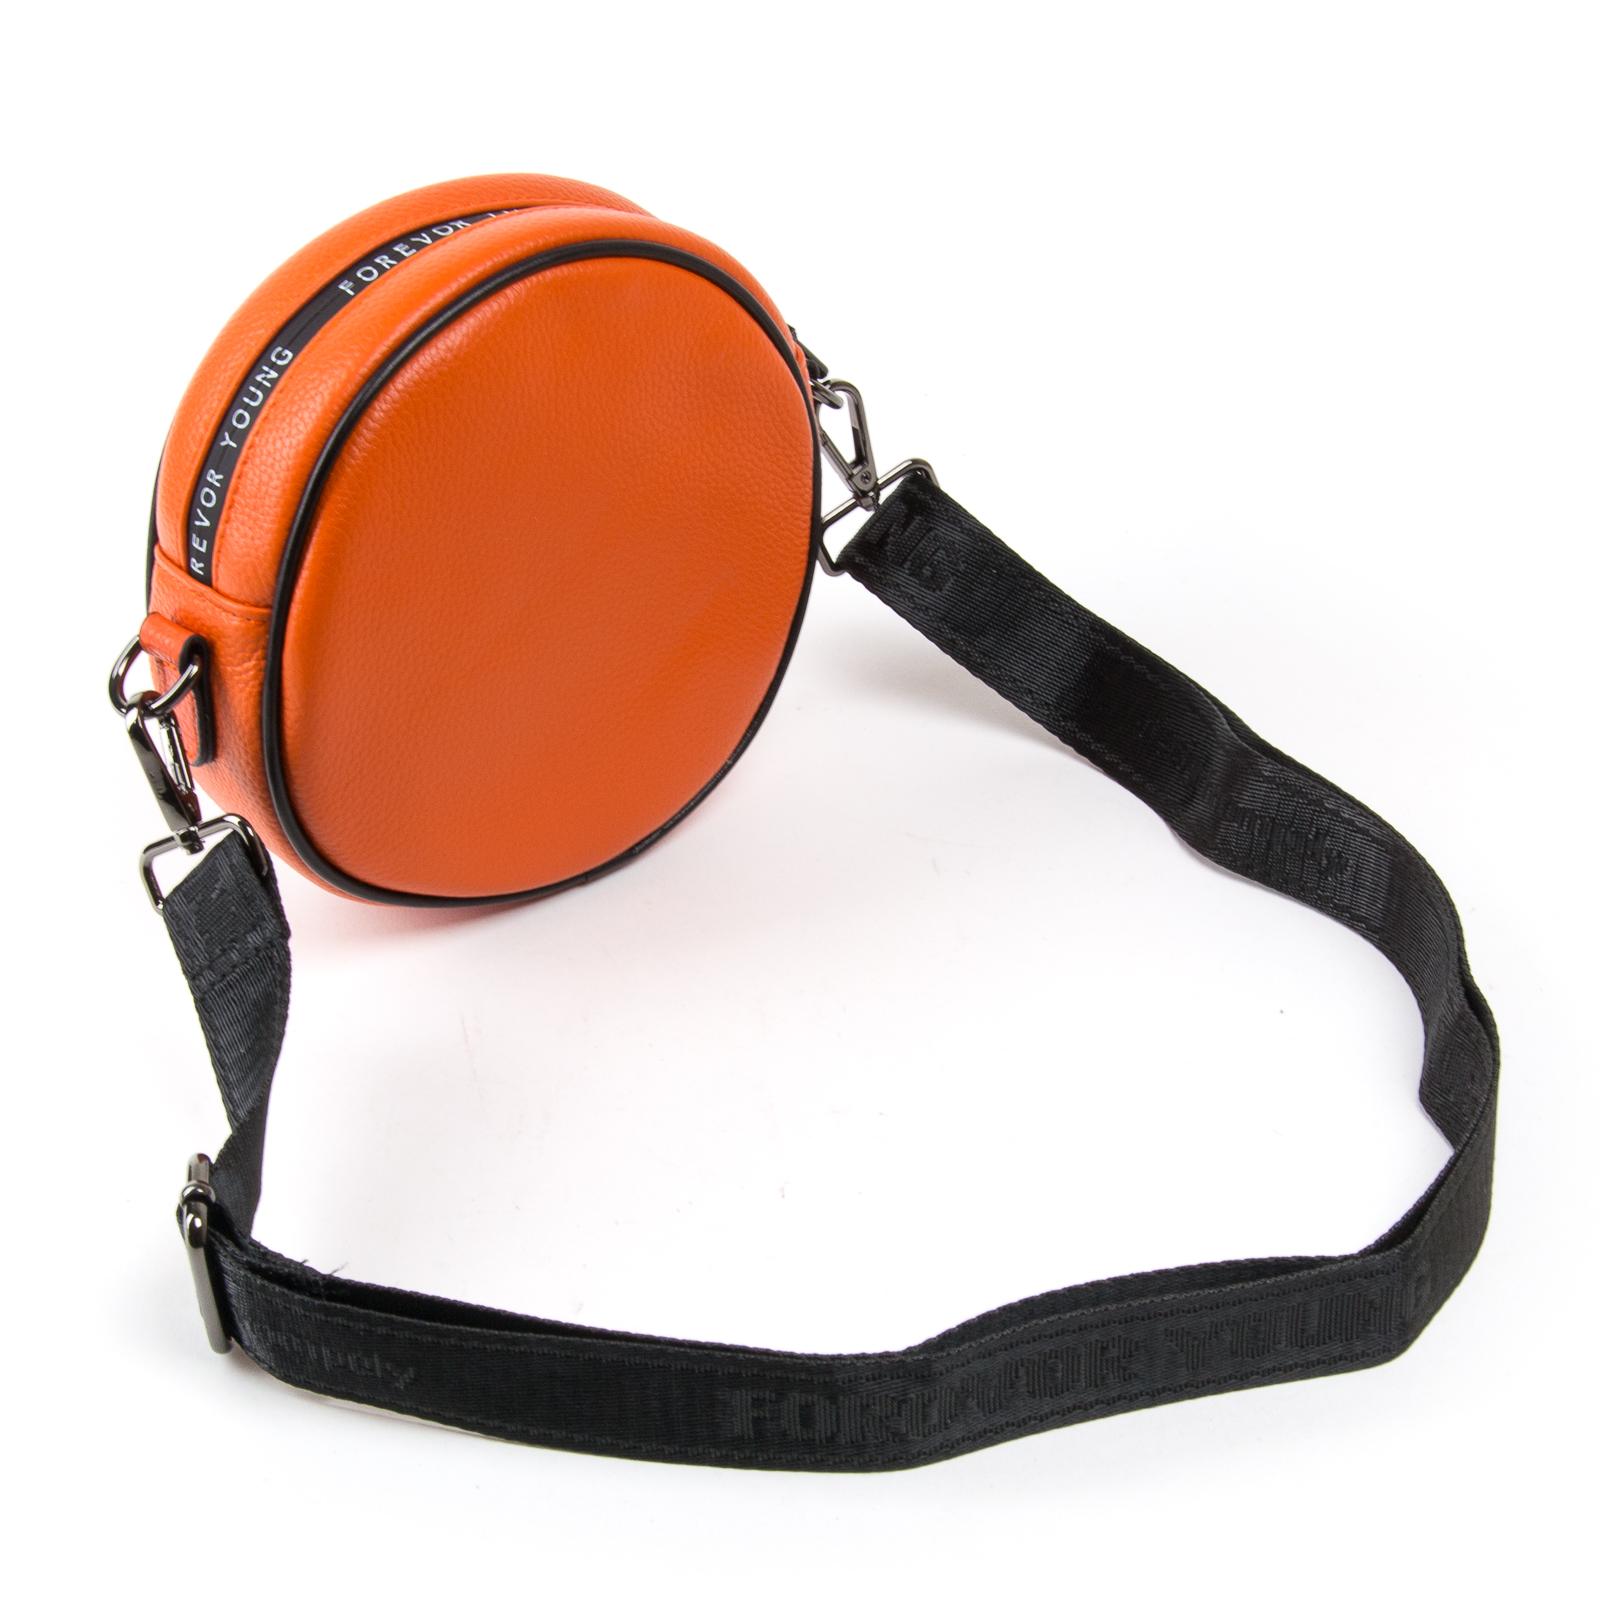 Сумка Женская Клатч кожа ALEX RAI 1-02 39032-10 orange - фото 3